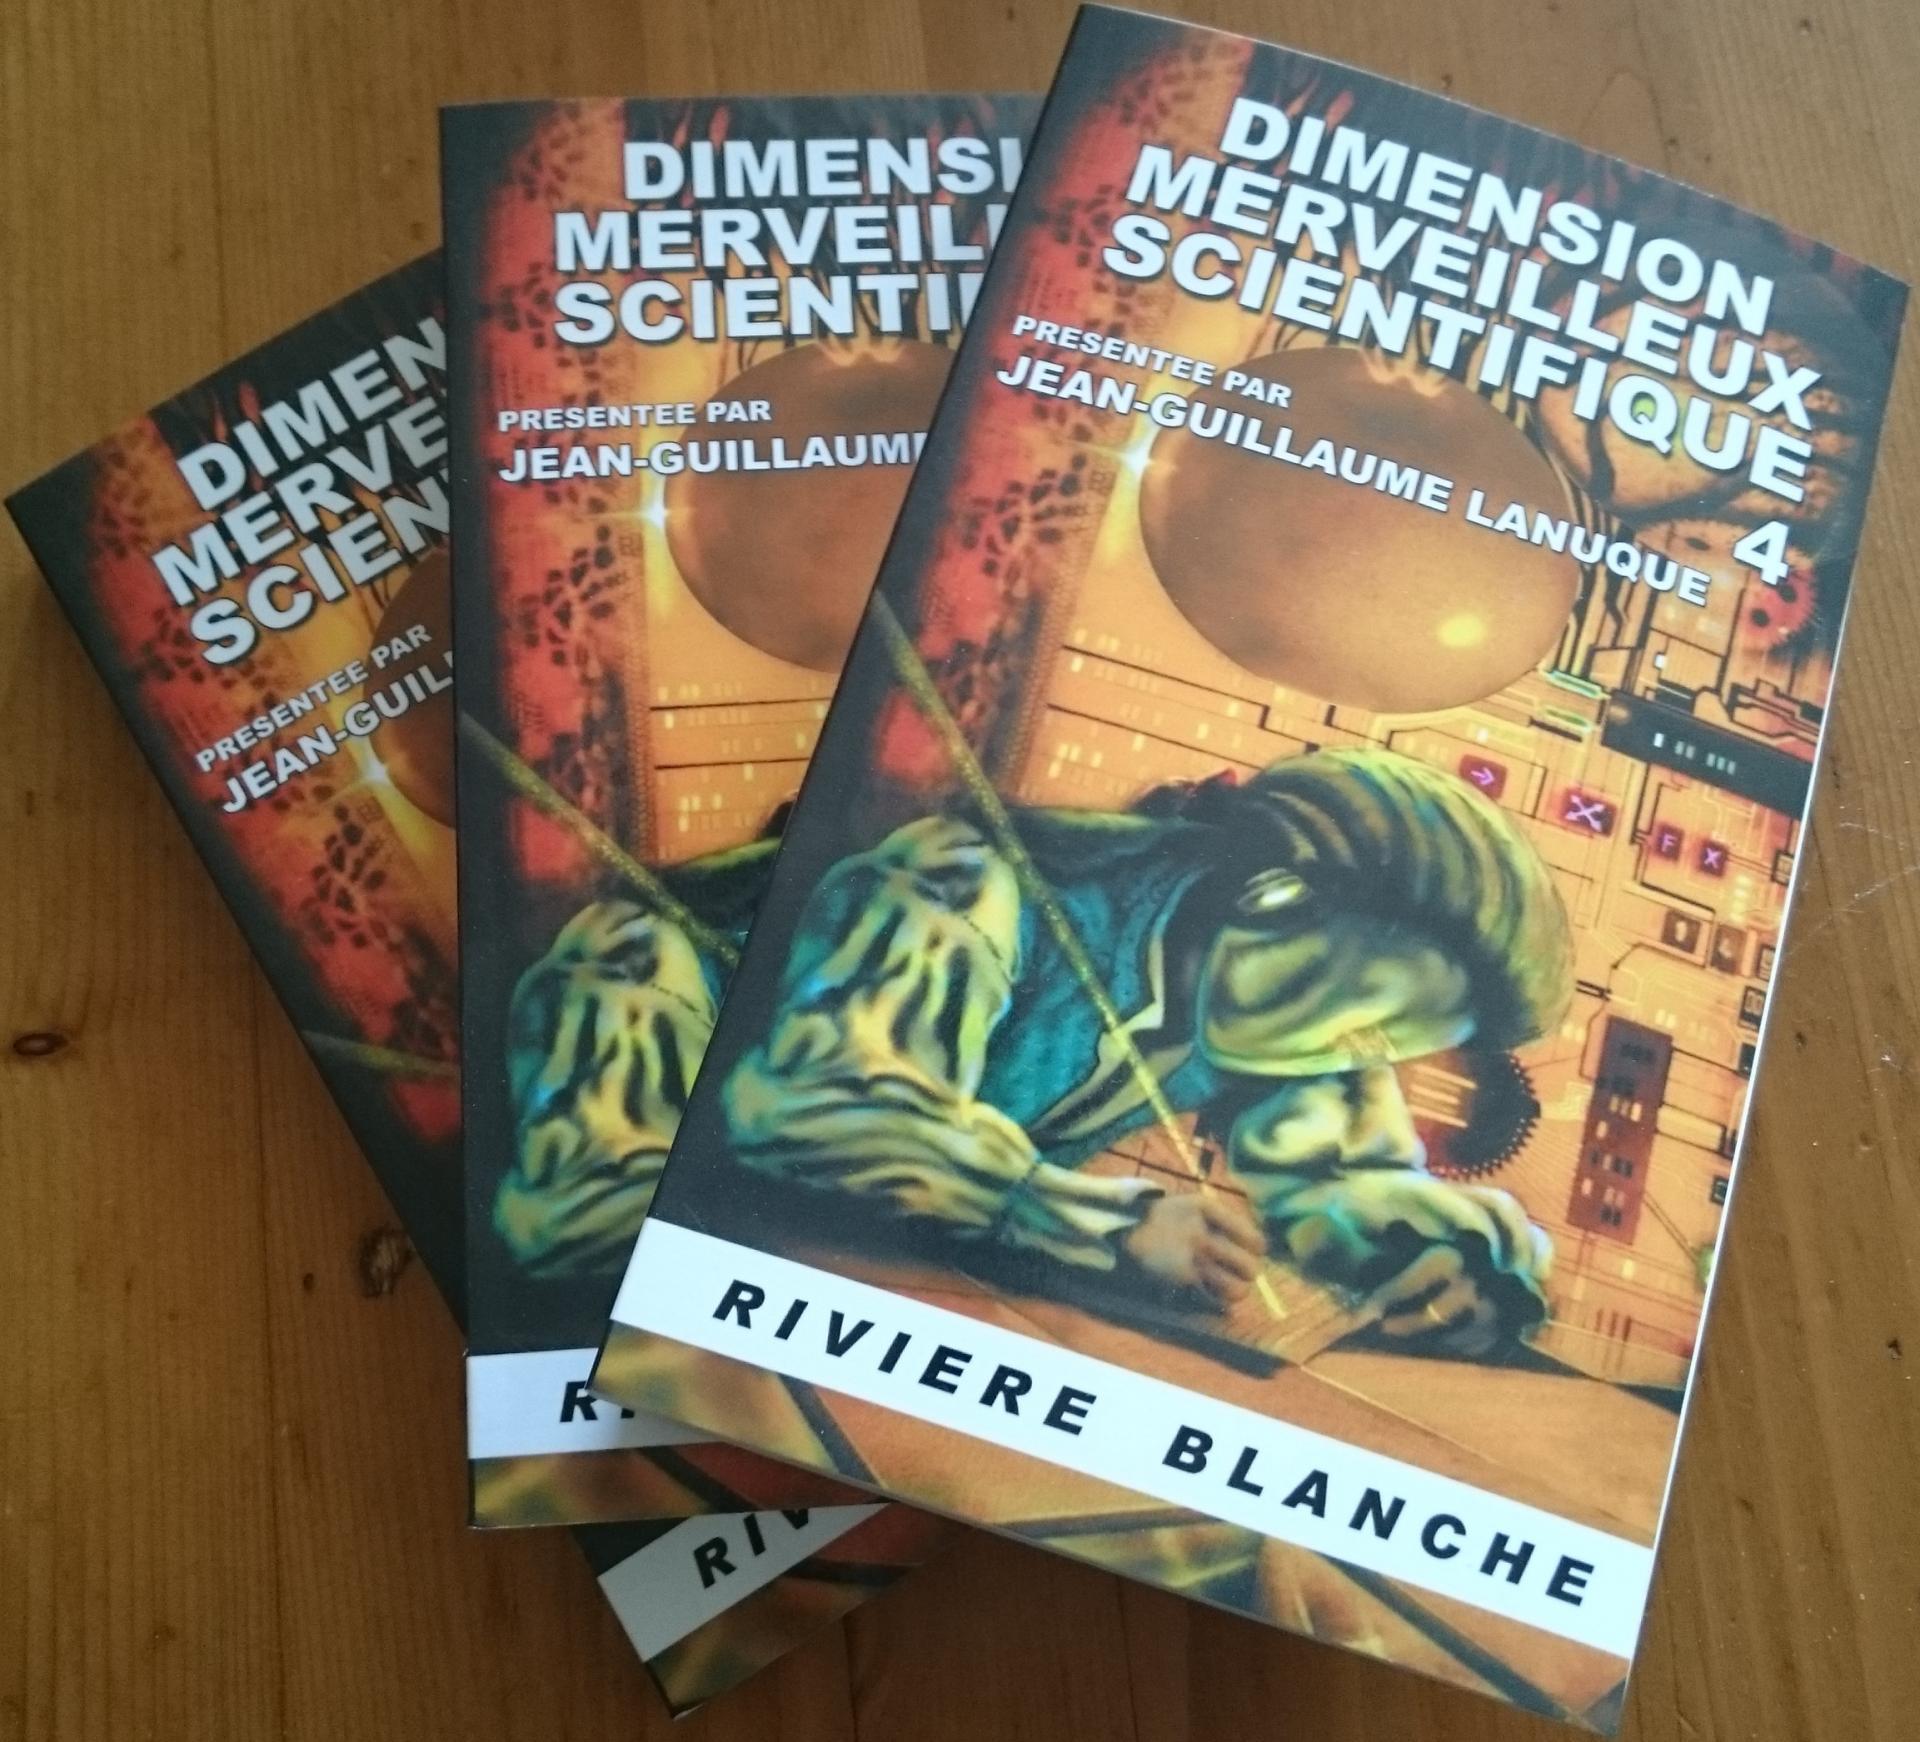 Les livres Dimension merveilleux scientifique 4